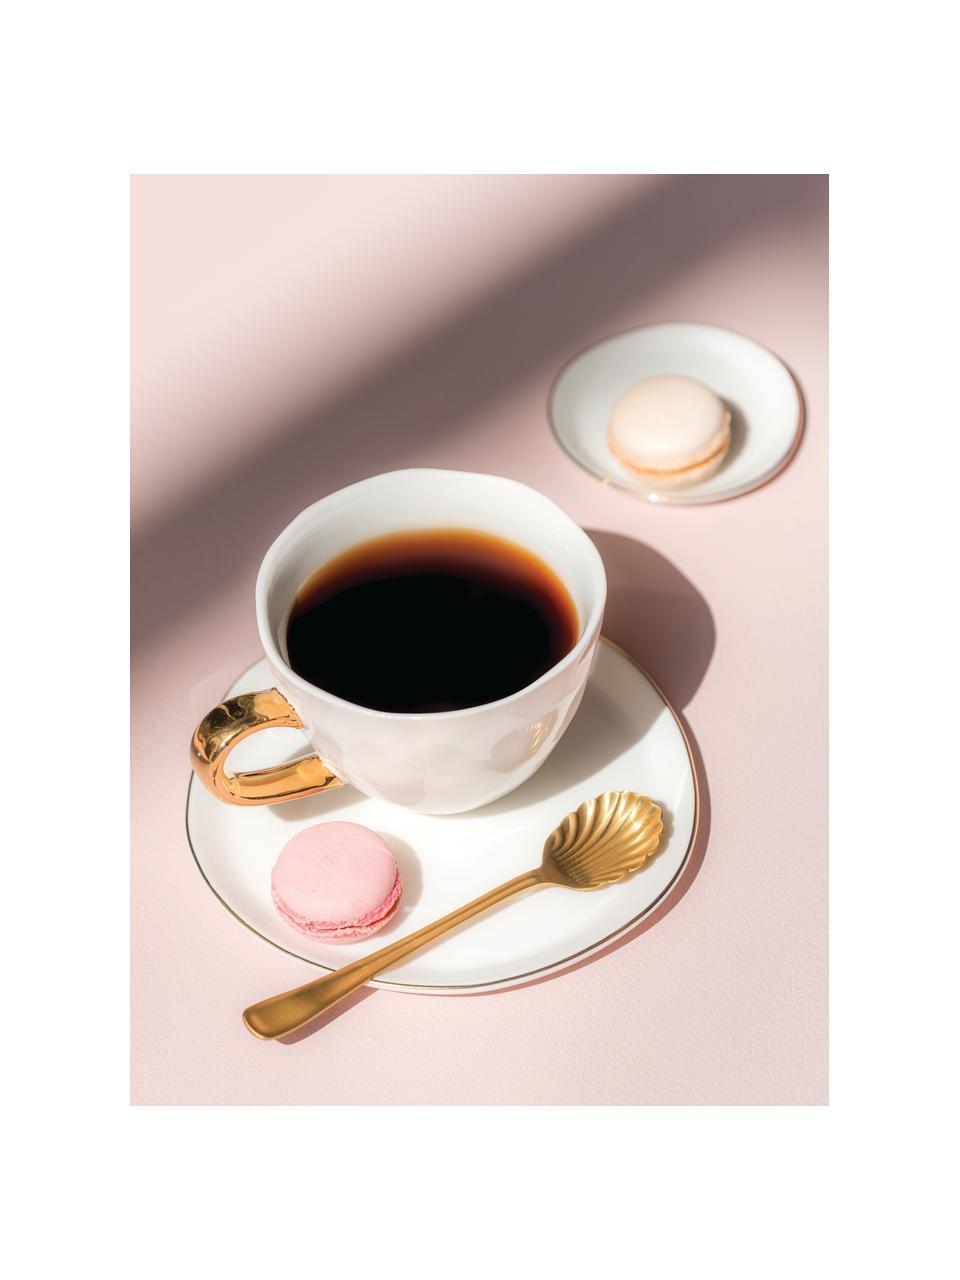 Tasse blanche avec poignée dorée Good Morning, Blanc, couleur dorée